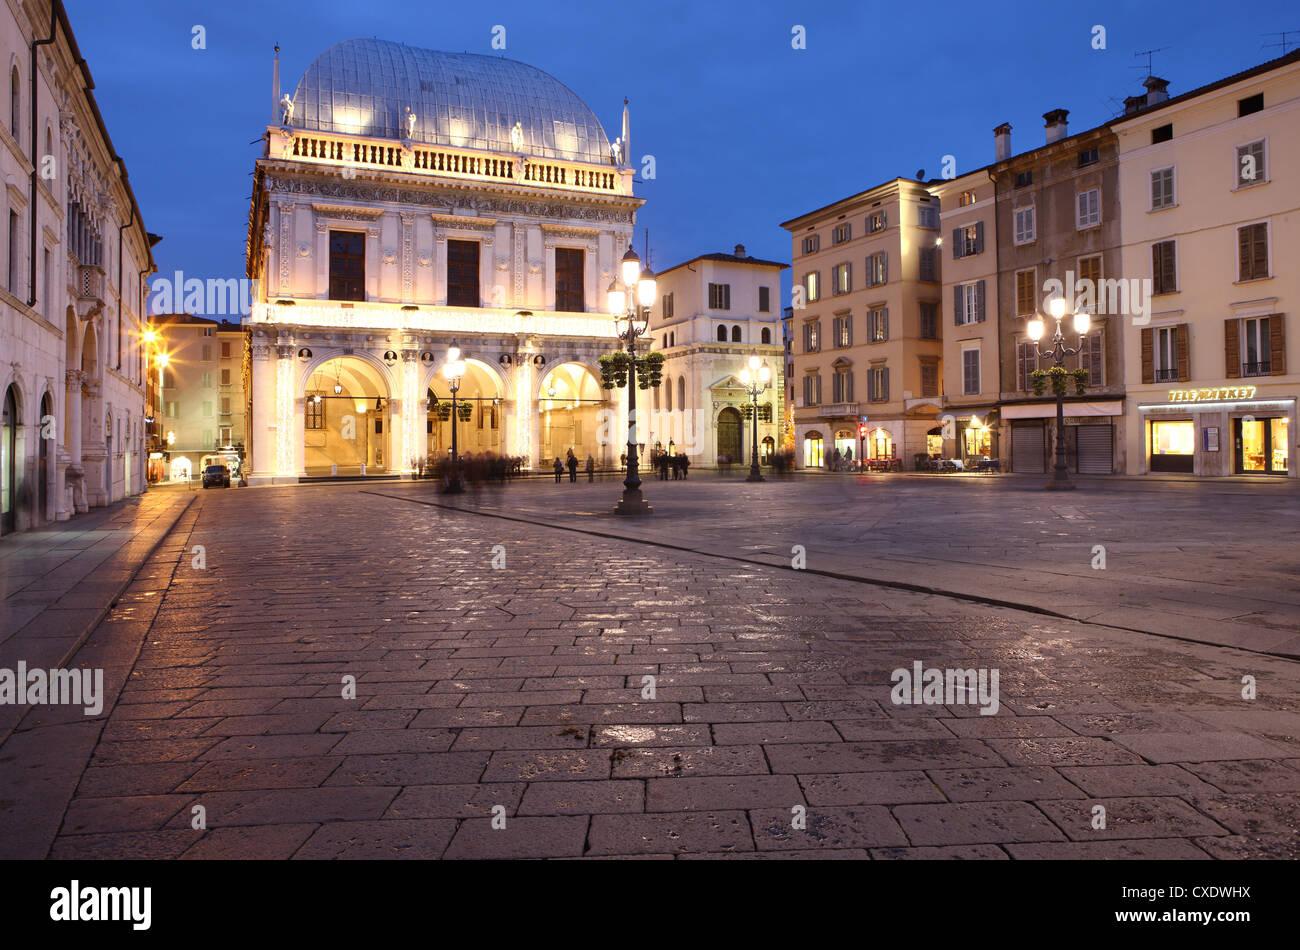 Piazza della Loggia at dusk, Brescia, Lombardy, Italy, Europe - Stock Image